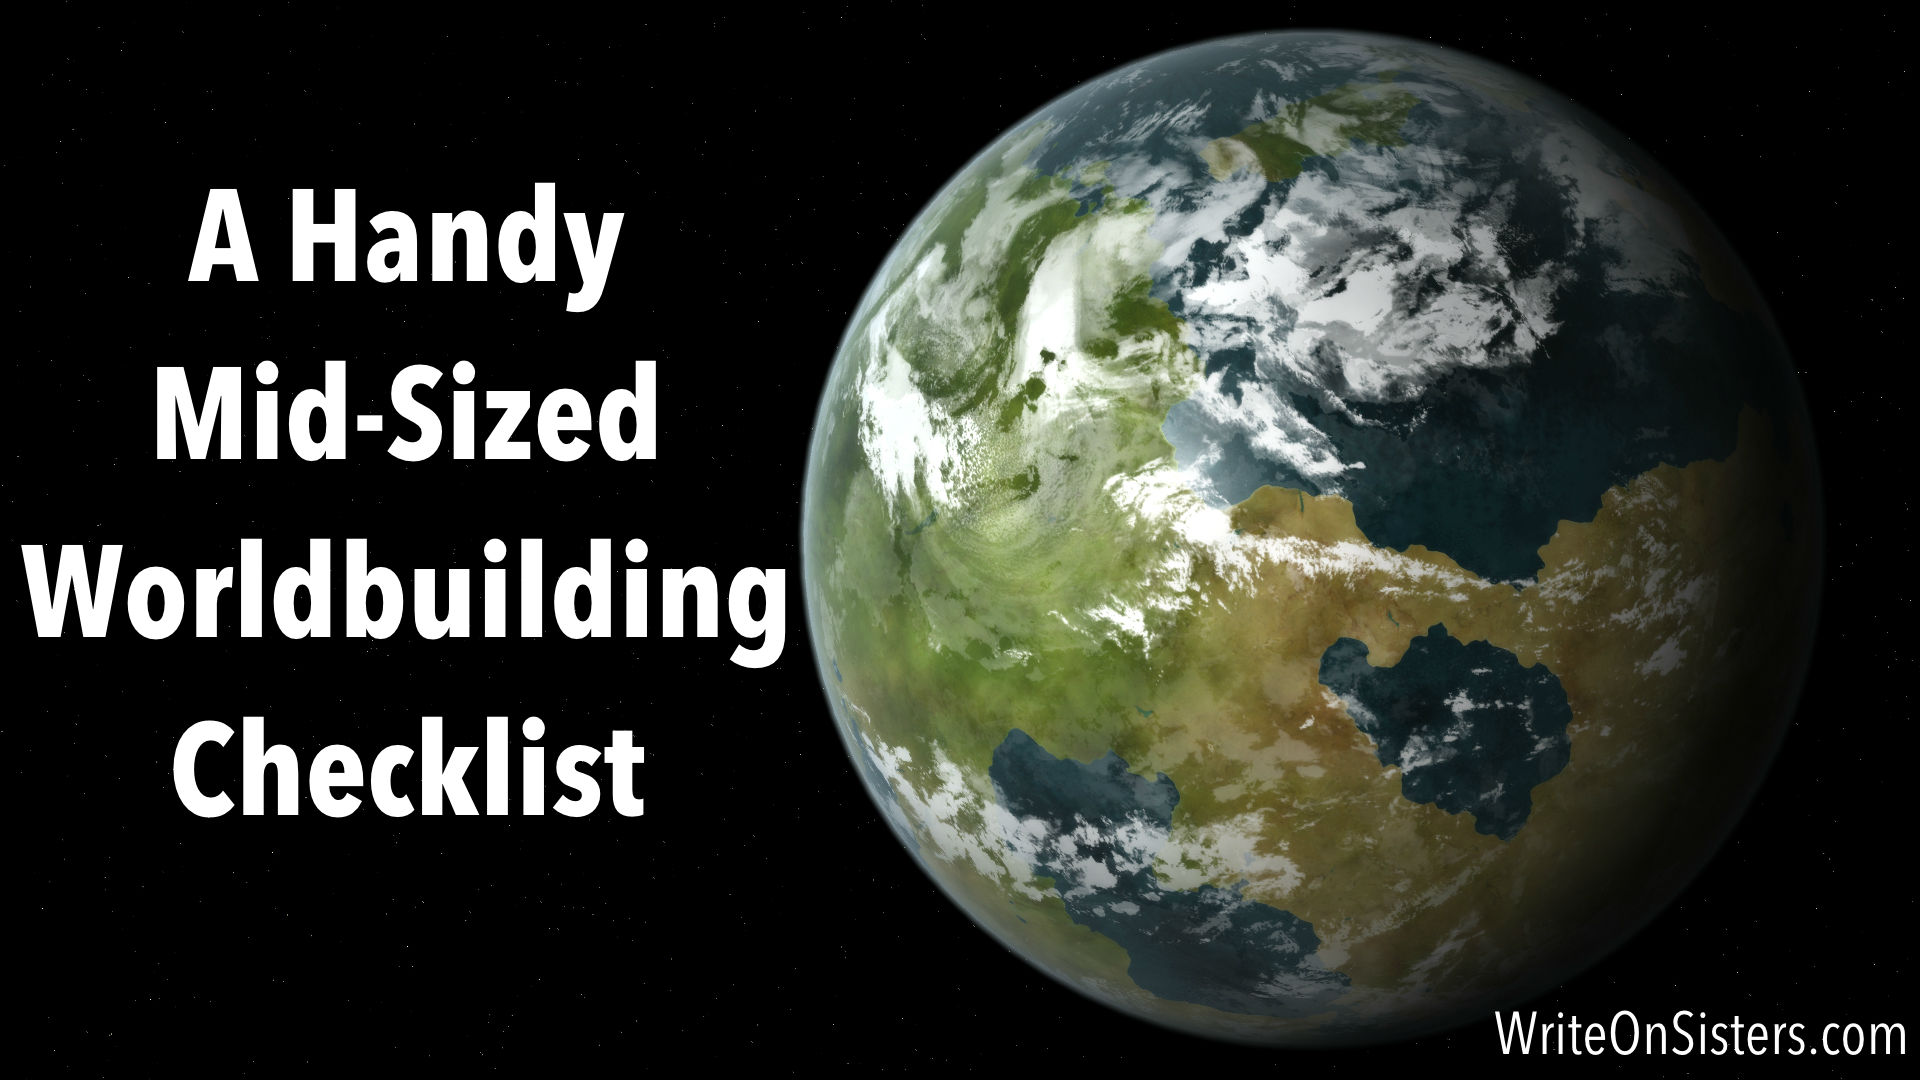 1 Key Question For Worldbuilding A Handy Checklist